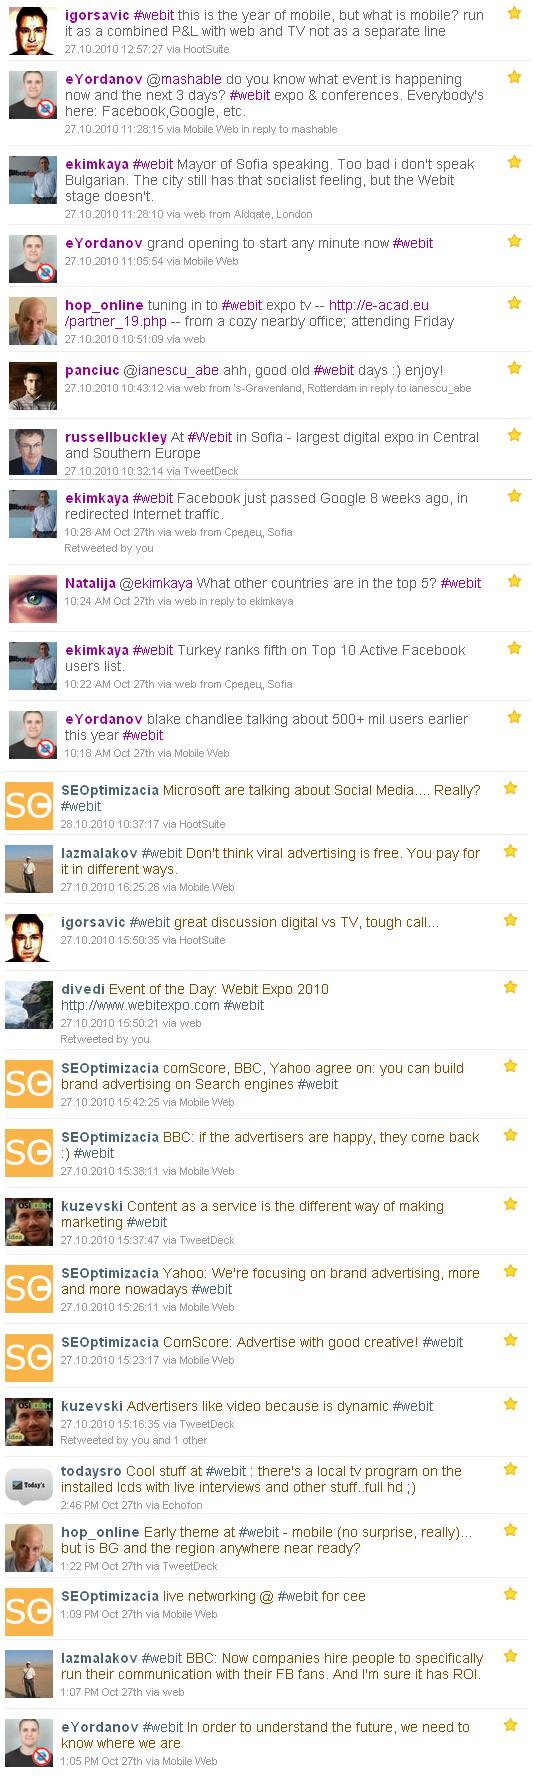 Позитивните (положителните) мнения и коментари за Webit Expo & Conferences 2010 в Социалните мрежи и по-точно Twitter